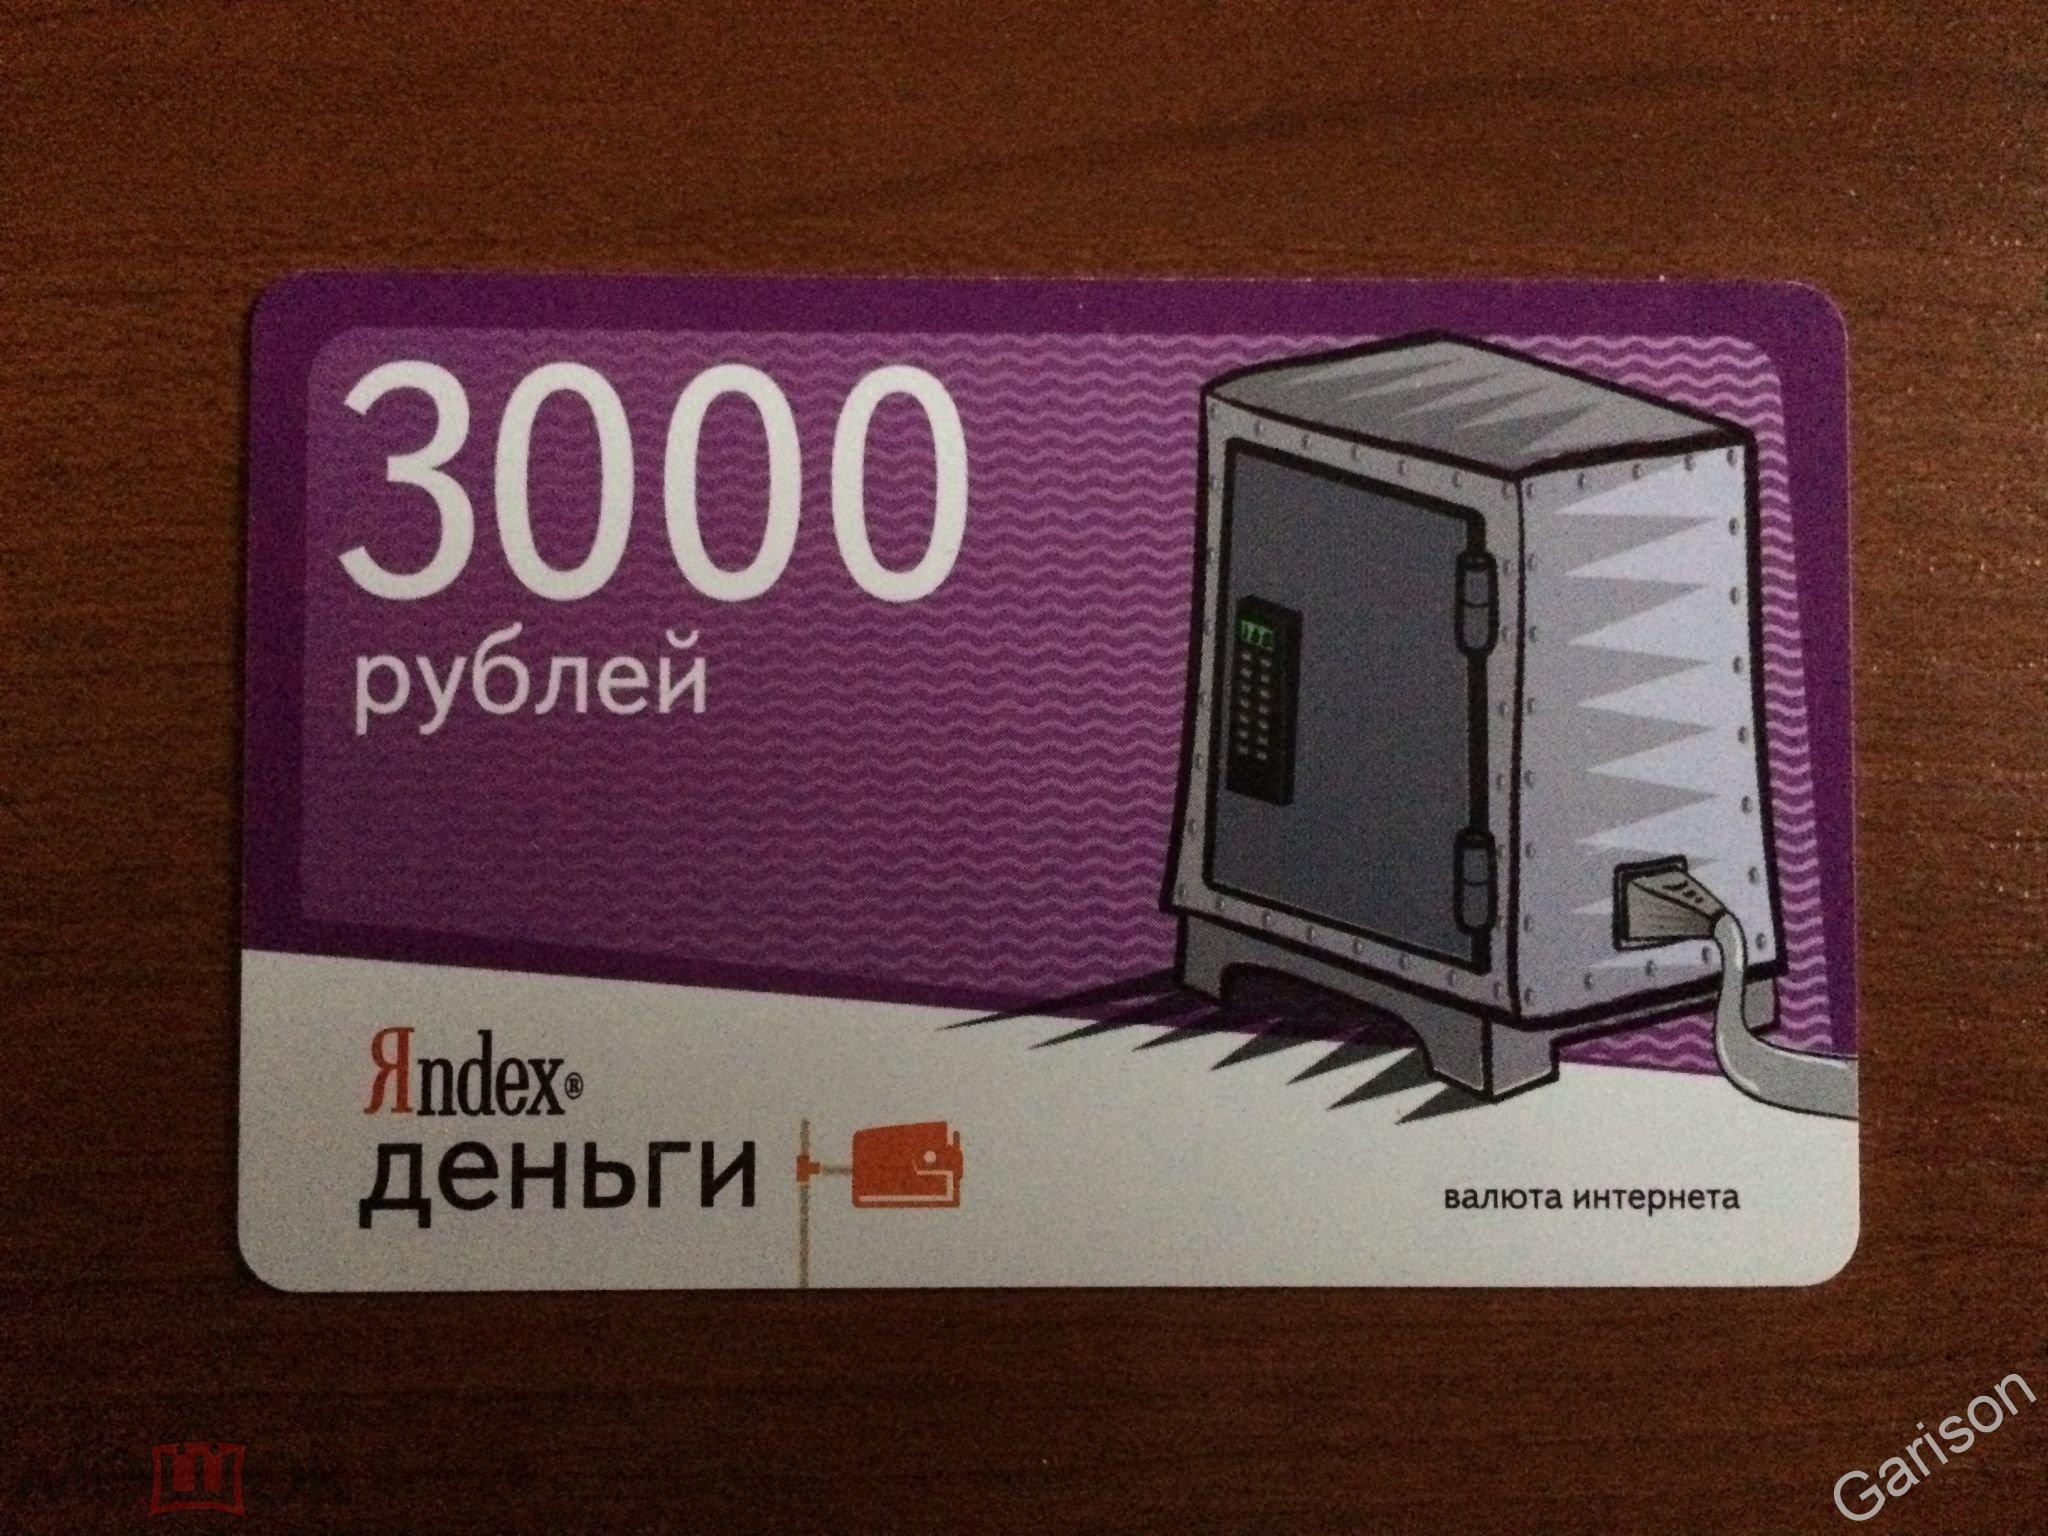 Карта Яндекс Деньги 3000 рублей материал карточки  картон